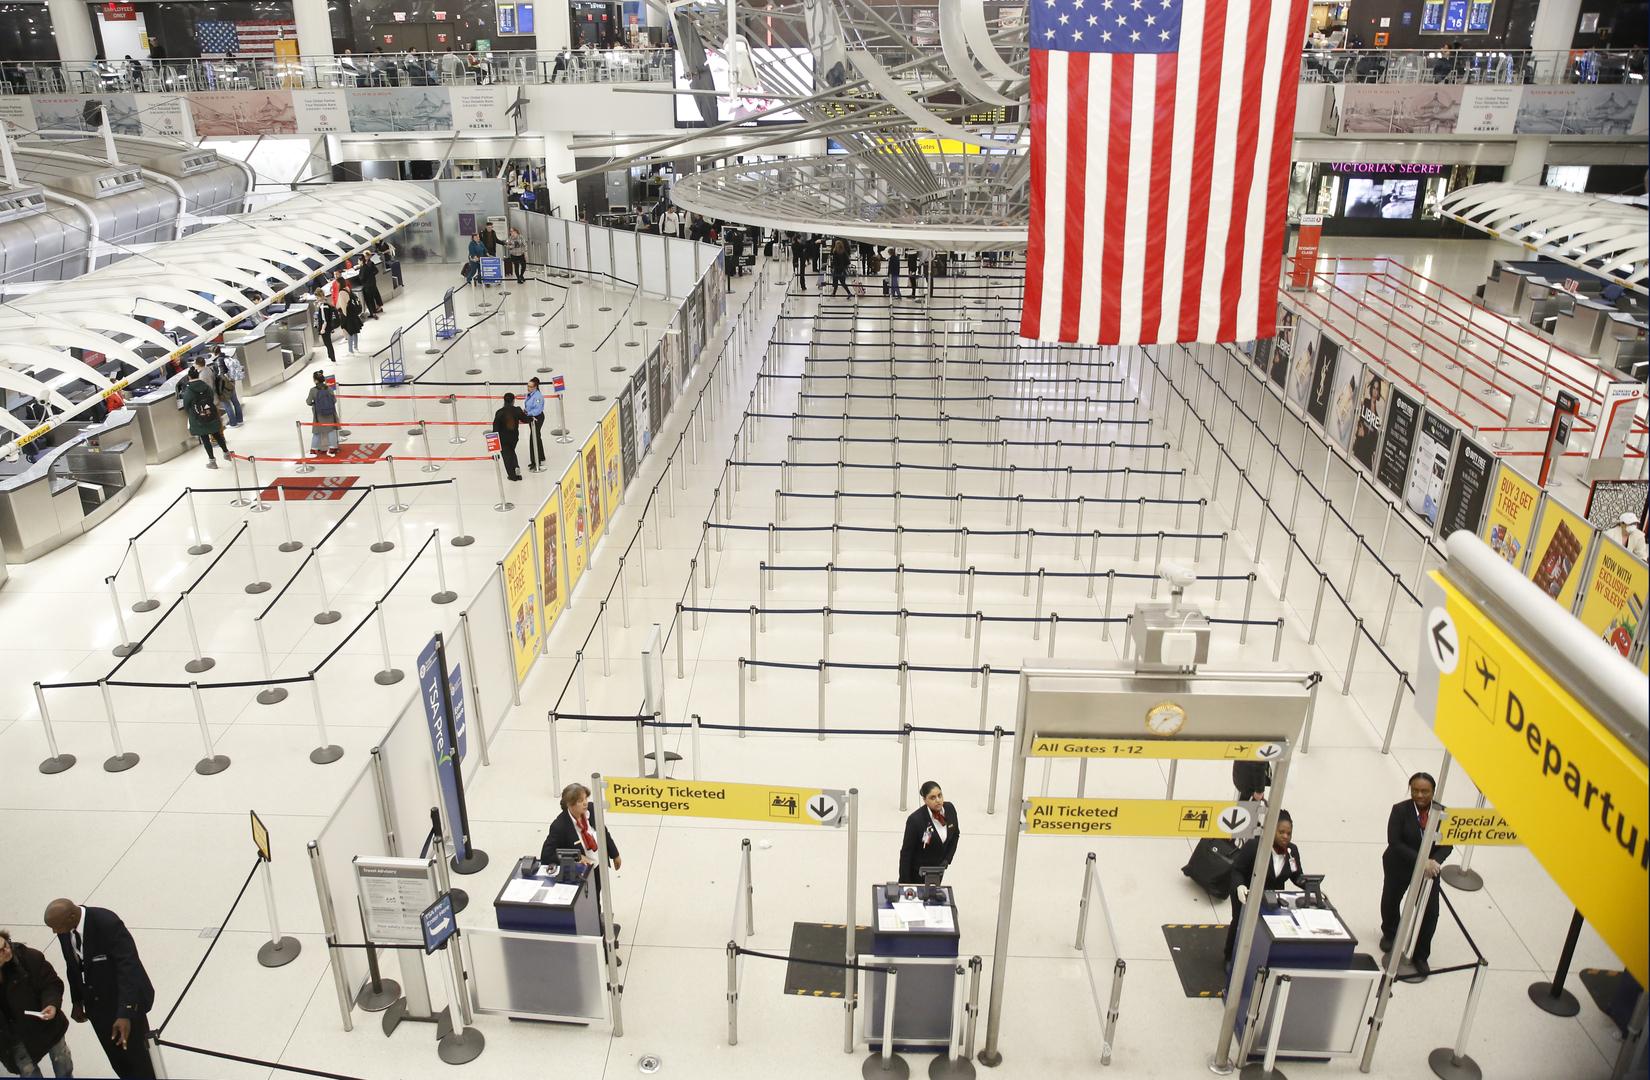 الولايات المتحدة ستفتح حدودها أمام جميع المسافرين الملقحين ضد كوفيد مطلع نوفمبر